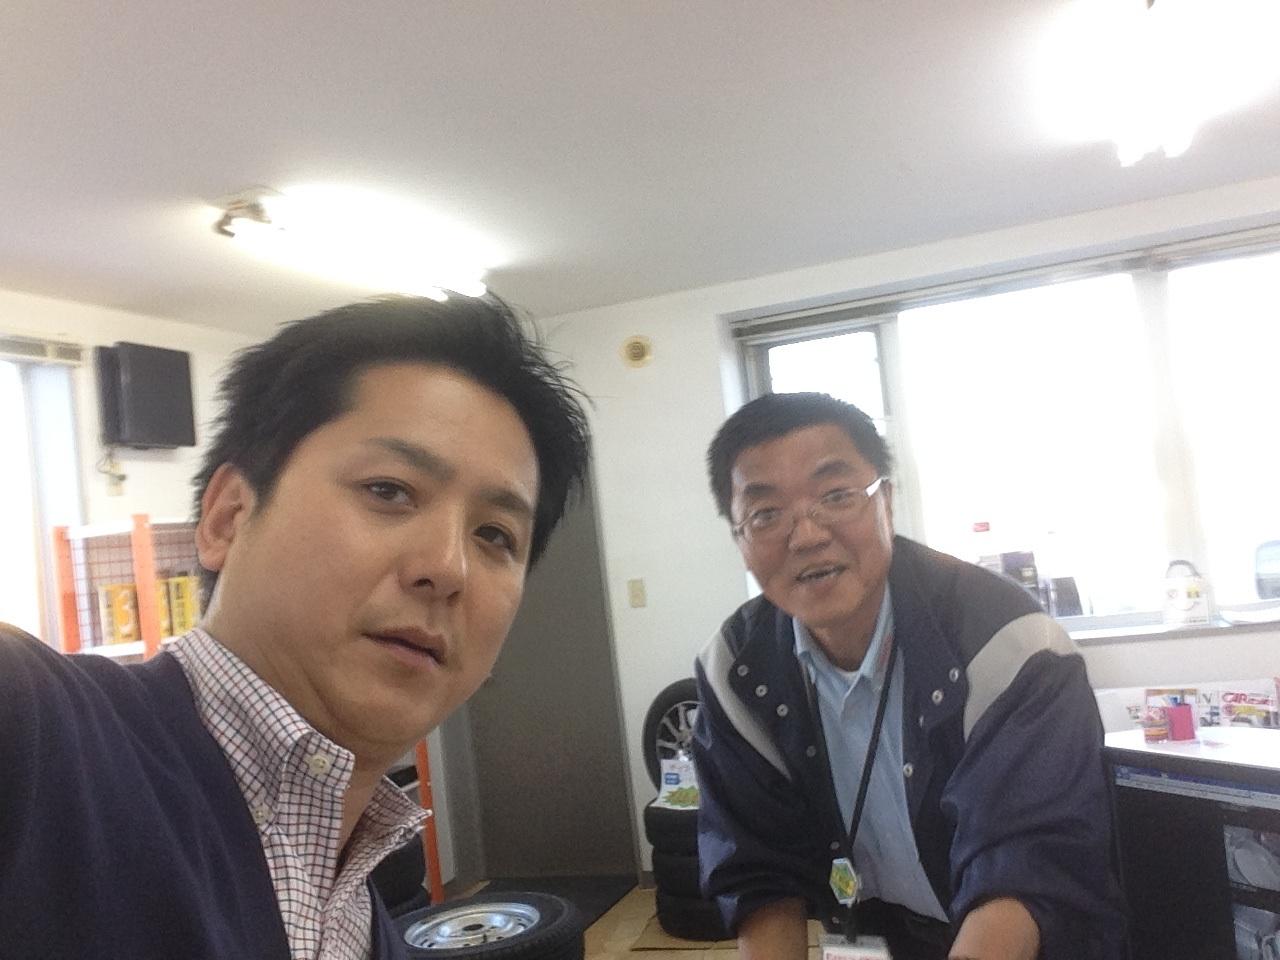 ノア・ヴォクシー・タント・ラパン・ライフ・軽自動車・店長クマブログ_b0127002_18261743.jpg